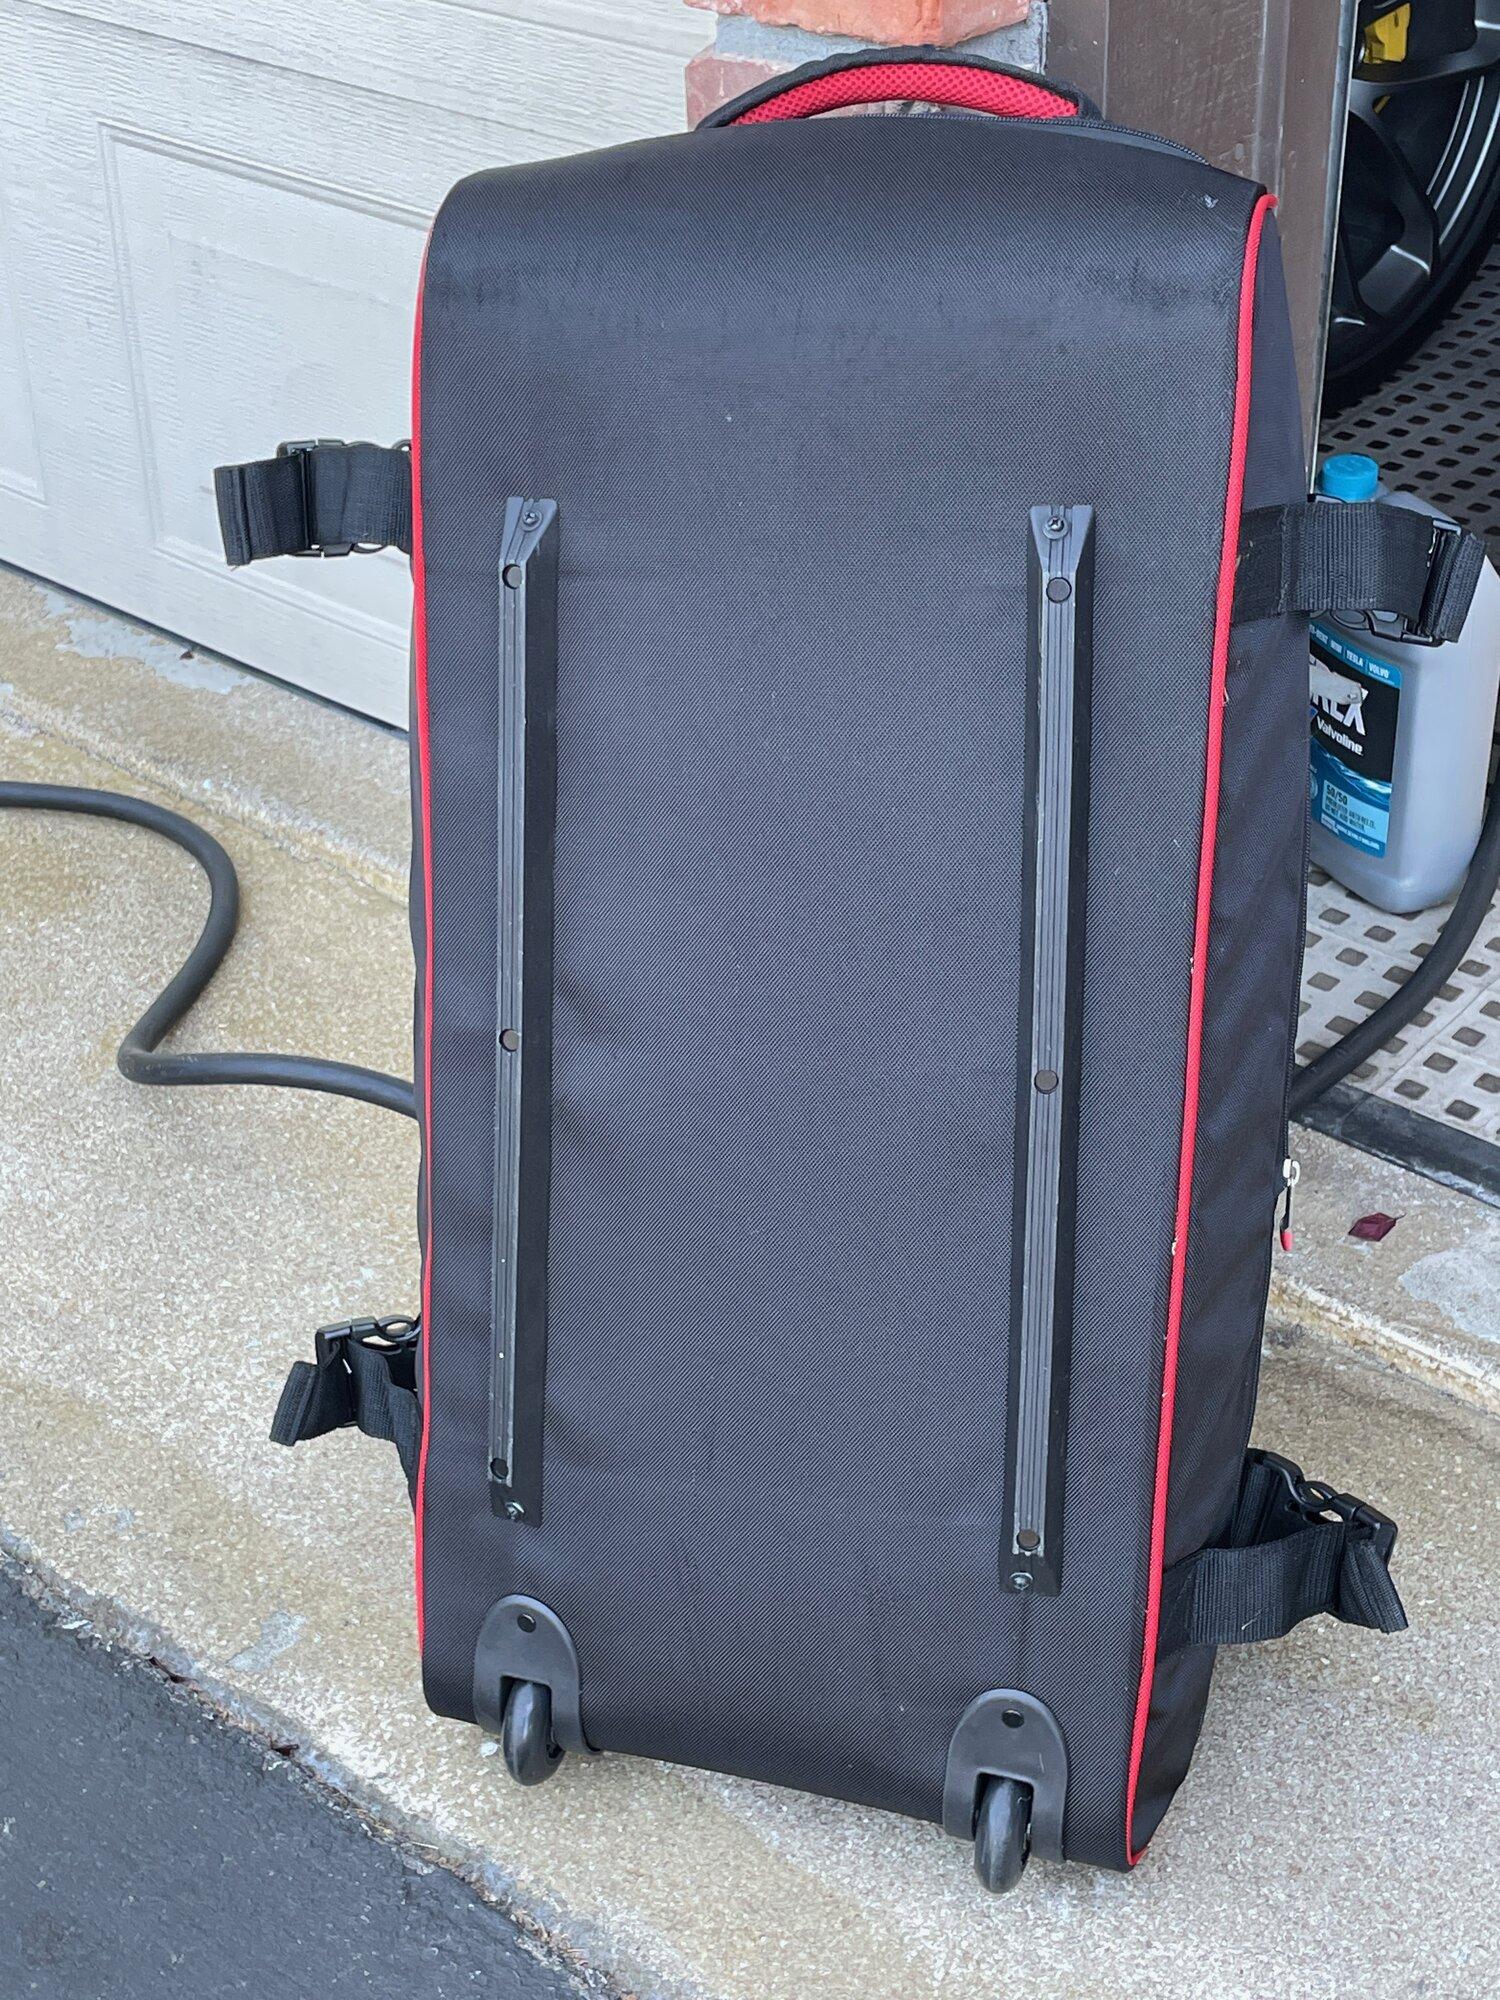 TeslaModelS-P90DL- - luggage5.jpeg